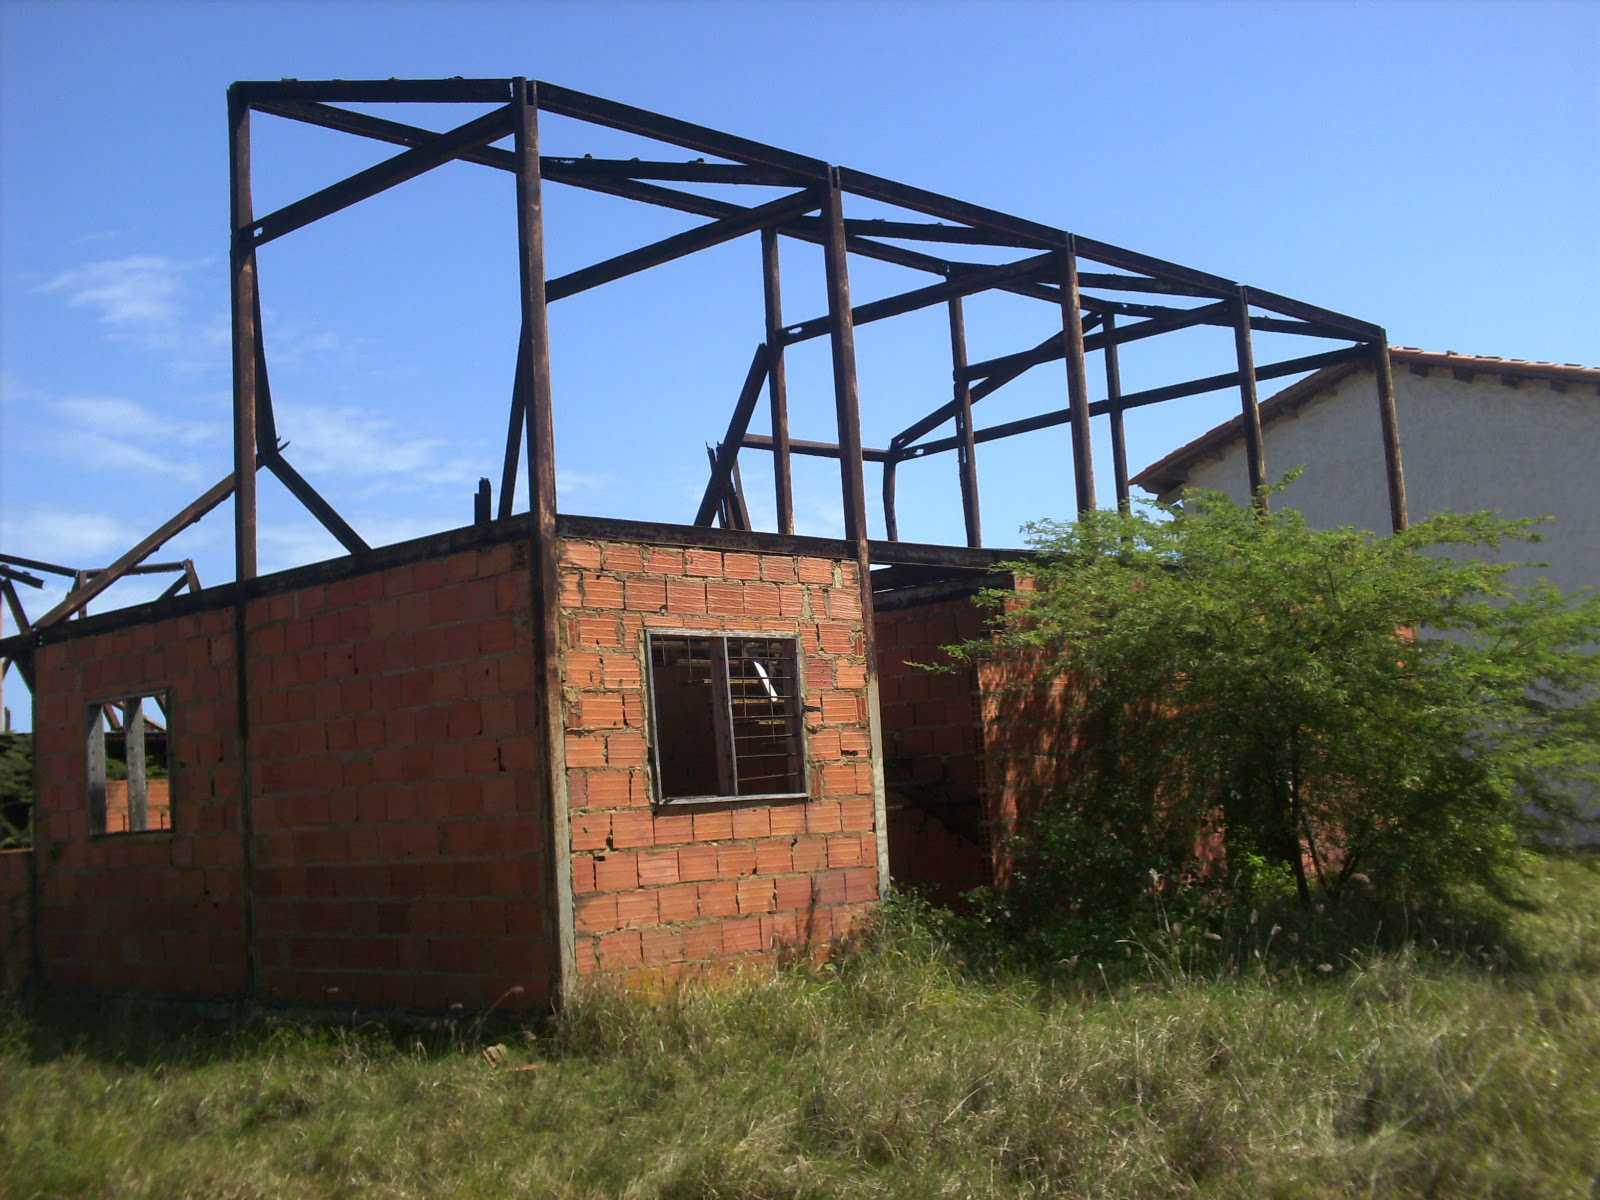 Planos casas de 2 plantas de estructuras metalicas new - Estructura metalicas para casas ...